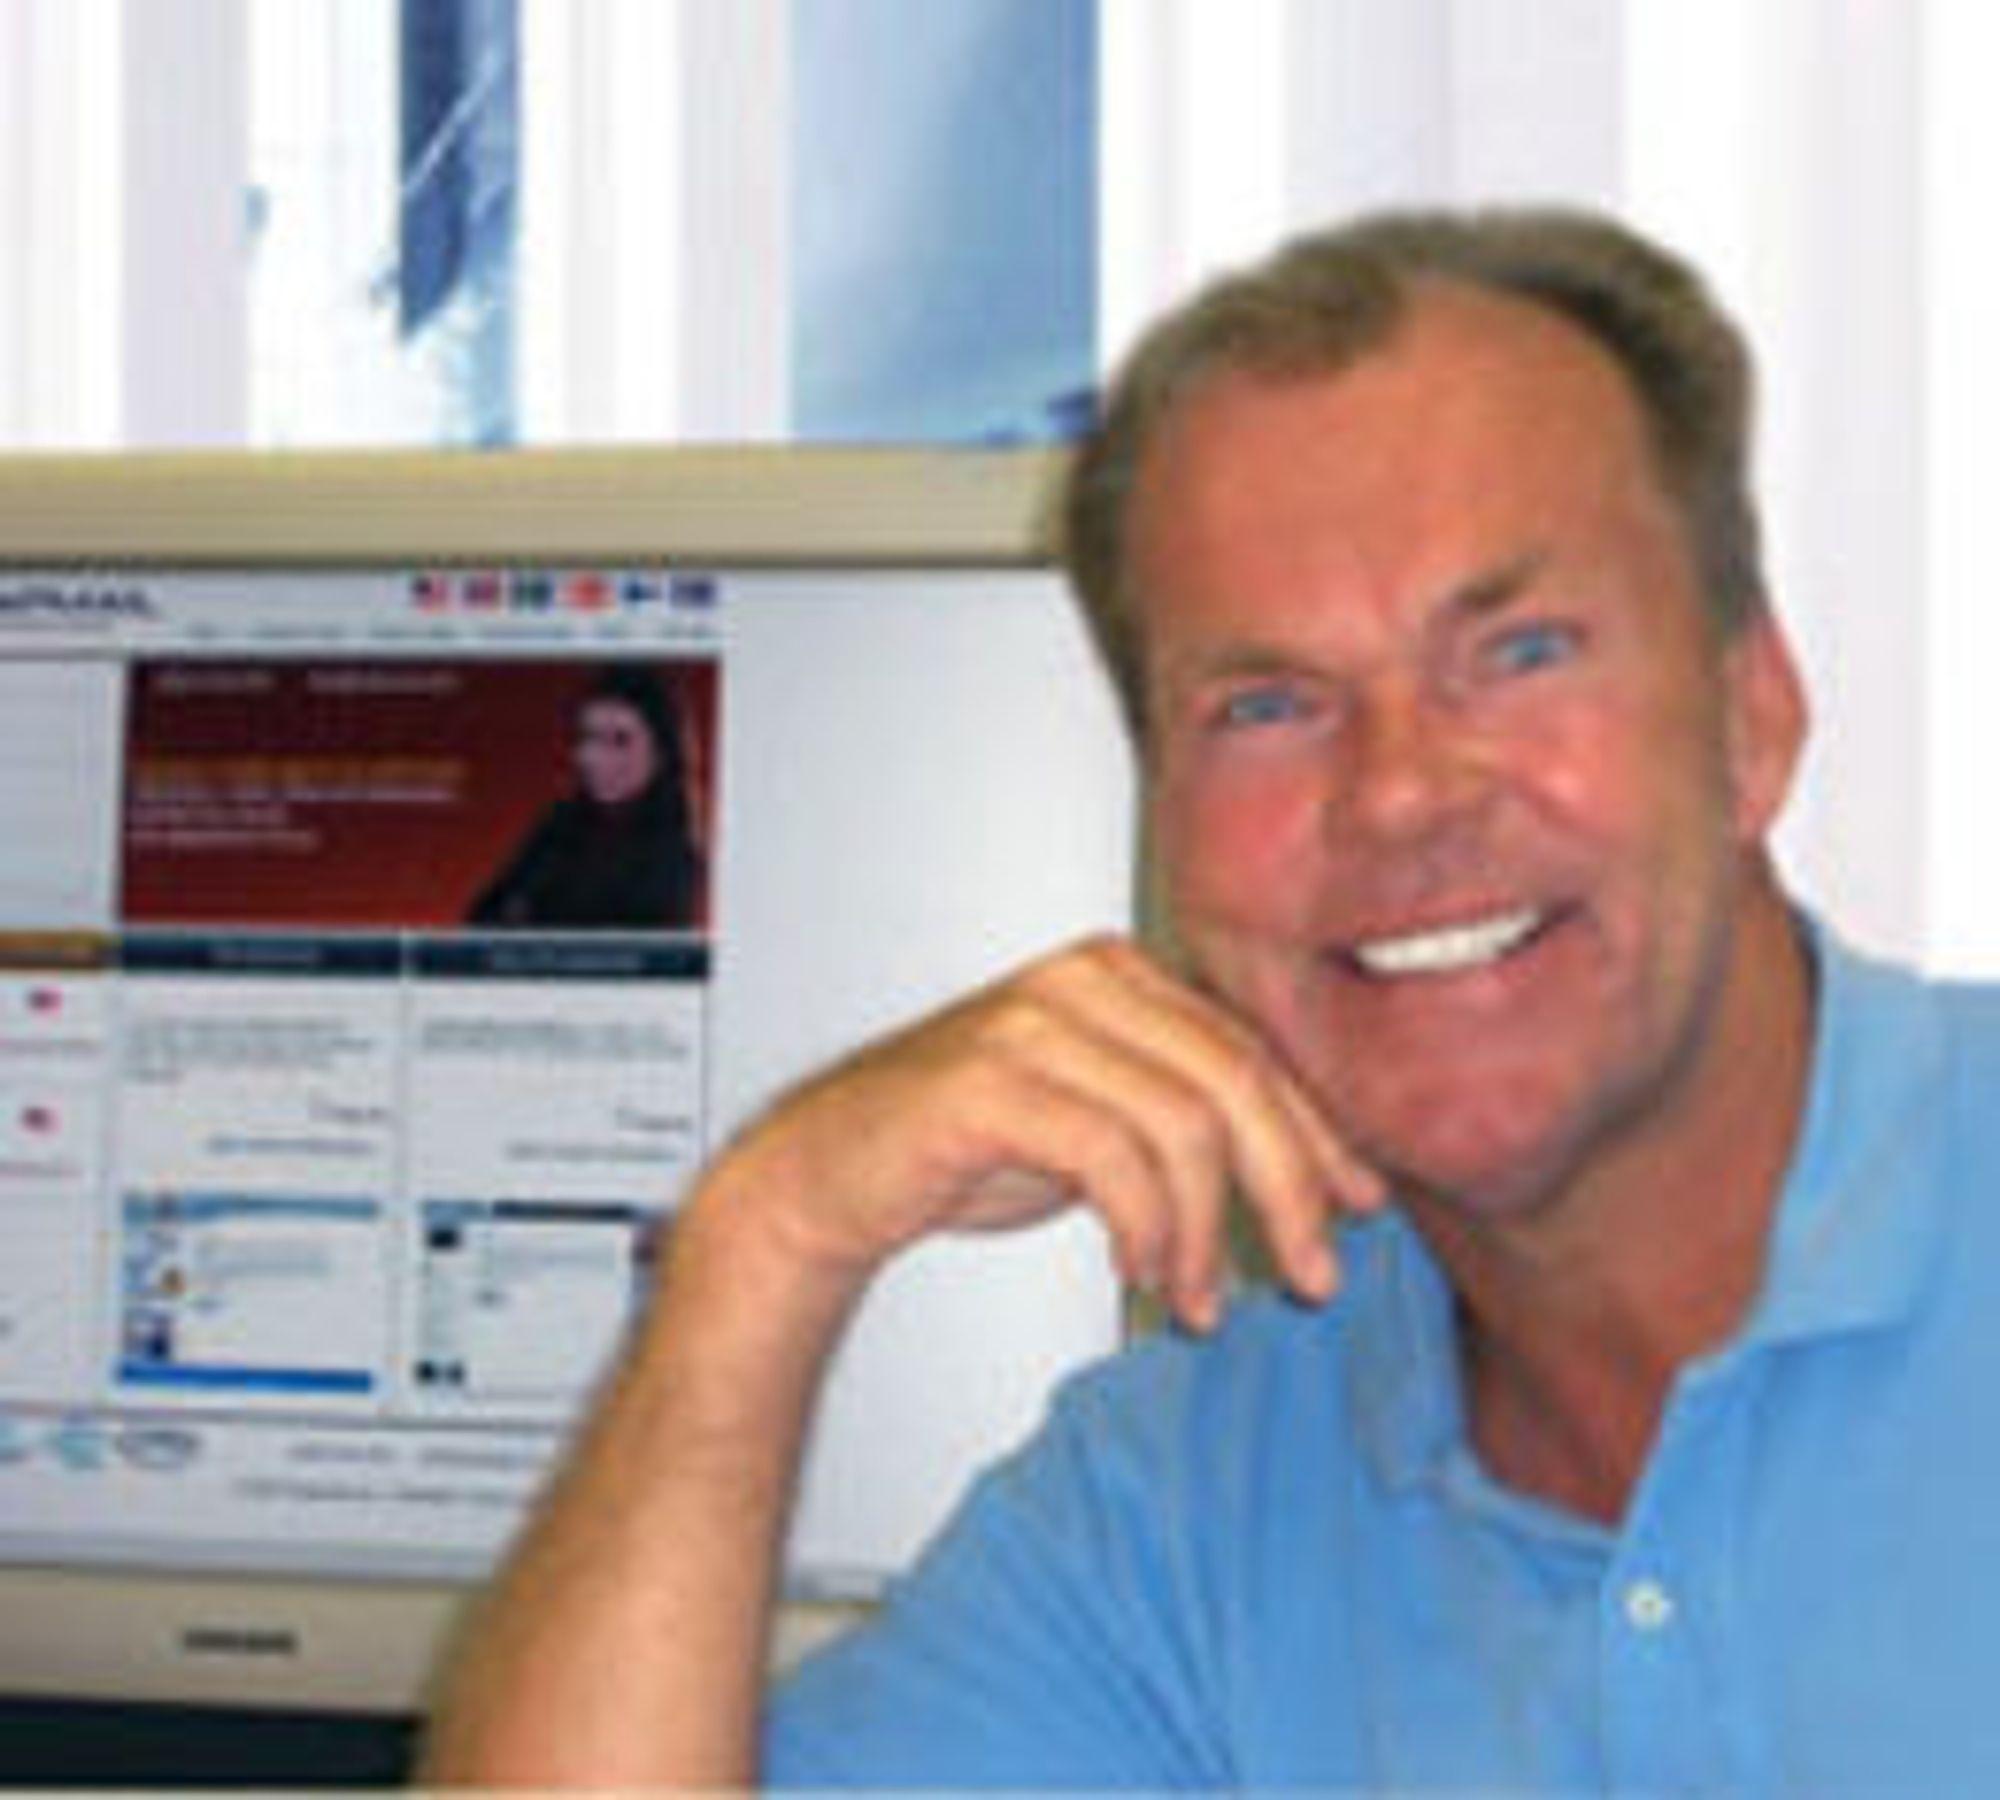 Tilbake på 1990-tallet gjorde Rolv E. Heggenhougen gode penger på oppstart av flere IT-selskaper, som etablerte seg i mange land. Han var største aksjonær og styreleder i iGroup (som senere ble til PSI Group), som da dotcom-feberen raste ved årtusenskiftet var et av de mest profilerte internettselskapene på Oslo børs.